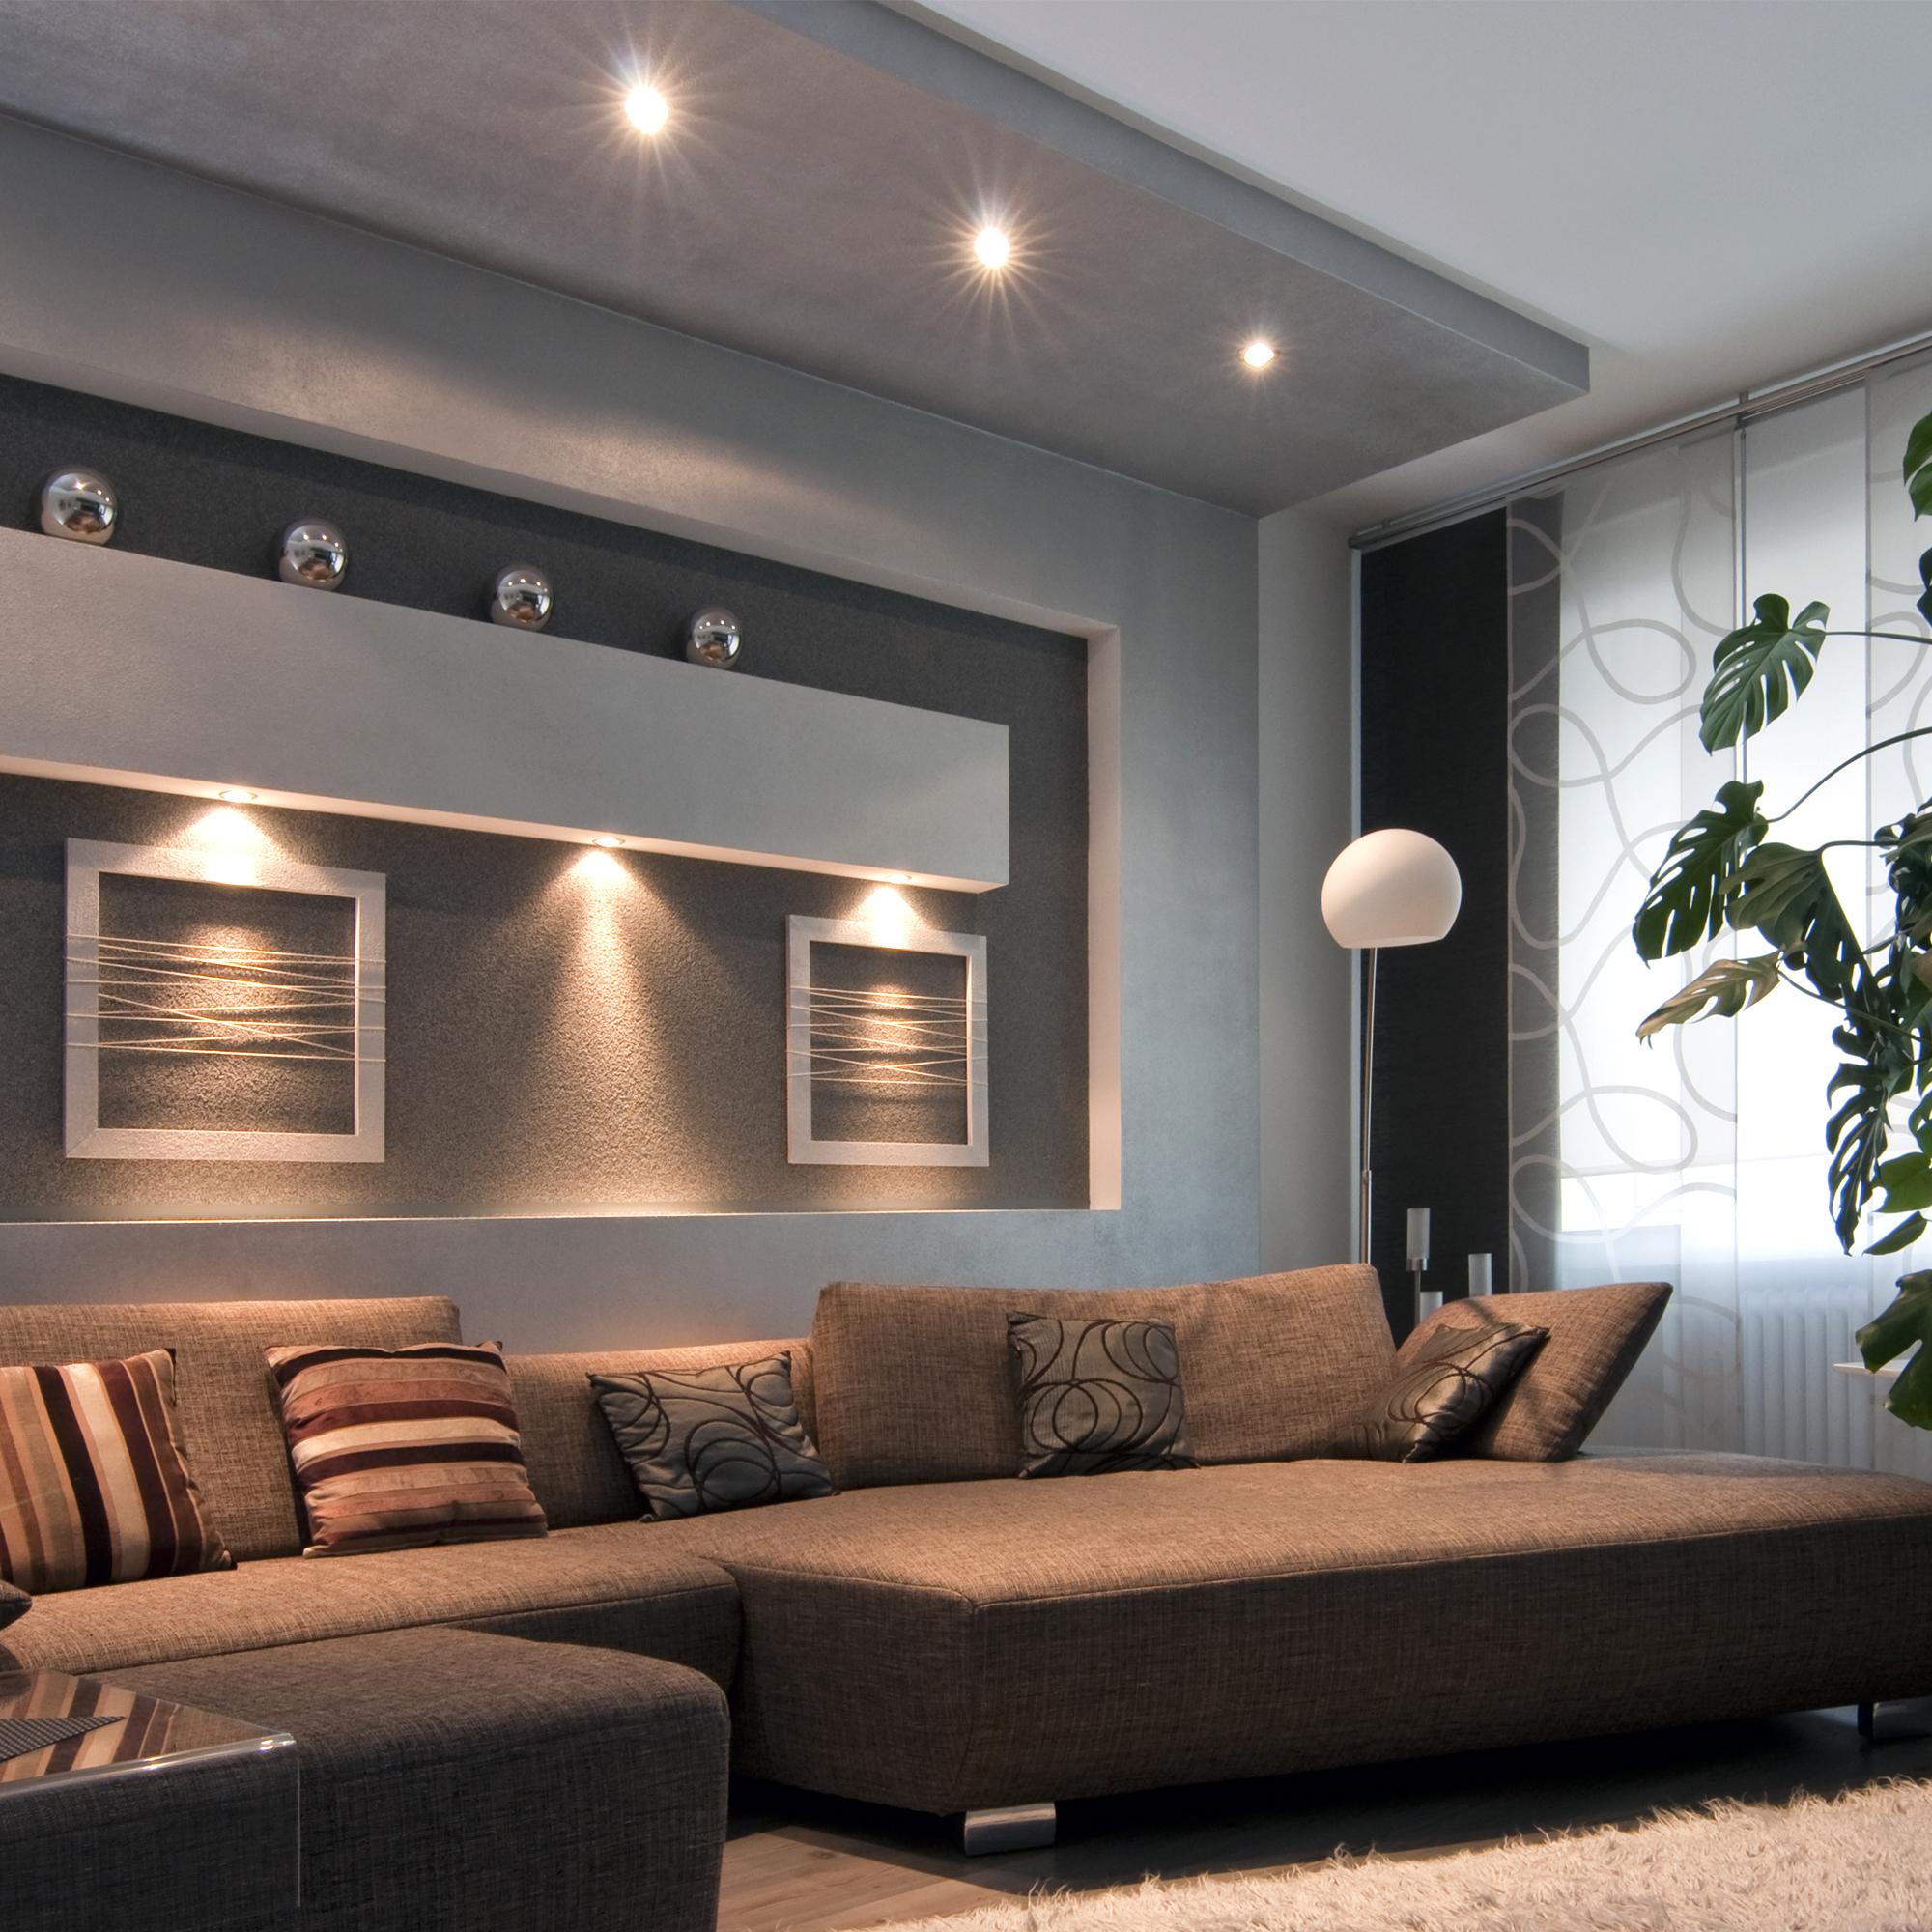 Pendelleuchte Glas GU20 LED schwarz Wohnzimmer Warmweiß